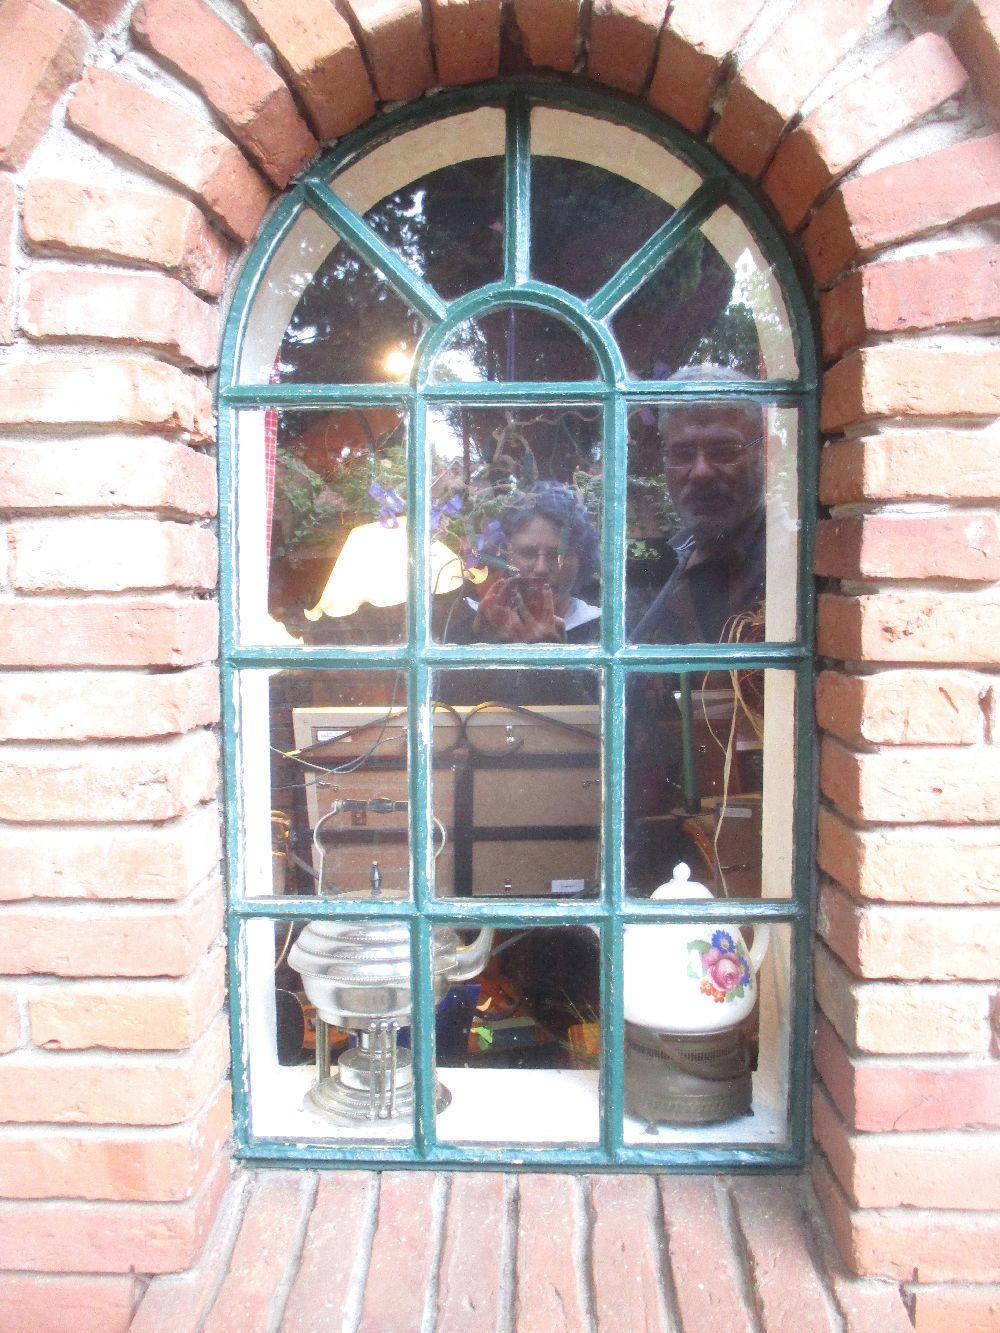 Das Spiegelbild von einer Jungen Frau und einem Alten Mann in einem Fenster.